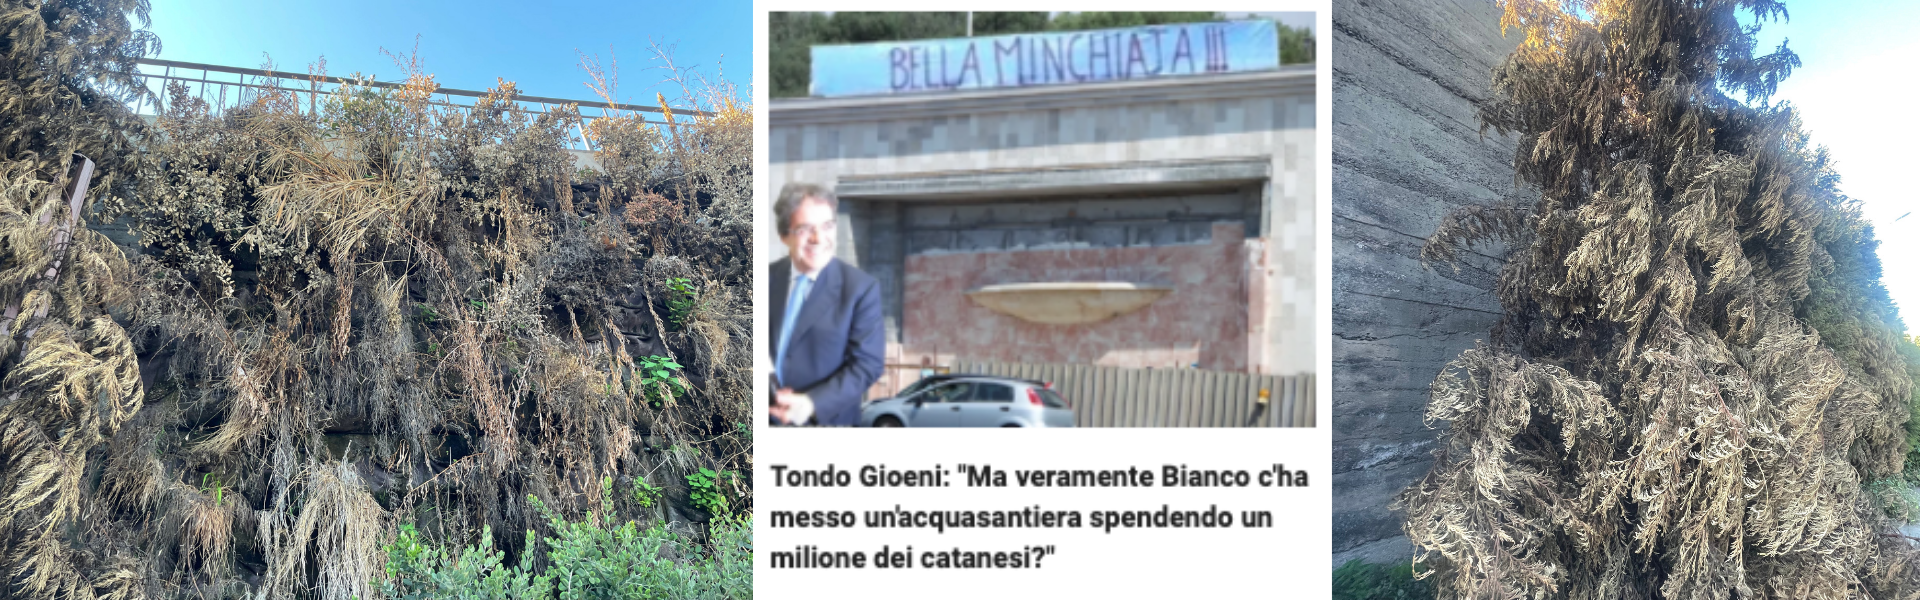 """Ennesimo spreco: il """"Giardino Verticale"""" del Tondo Gioeni è morto e la fontana fa schifo"""